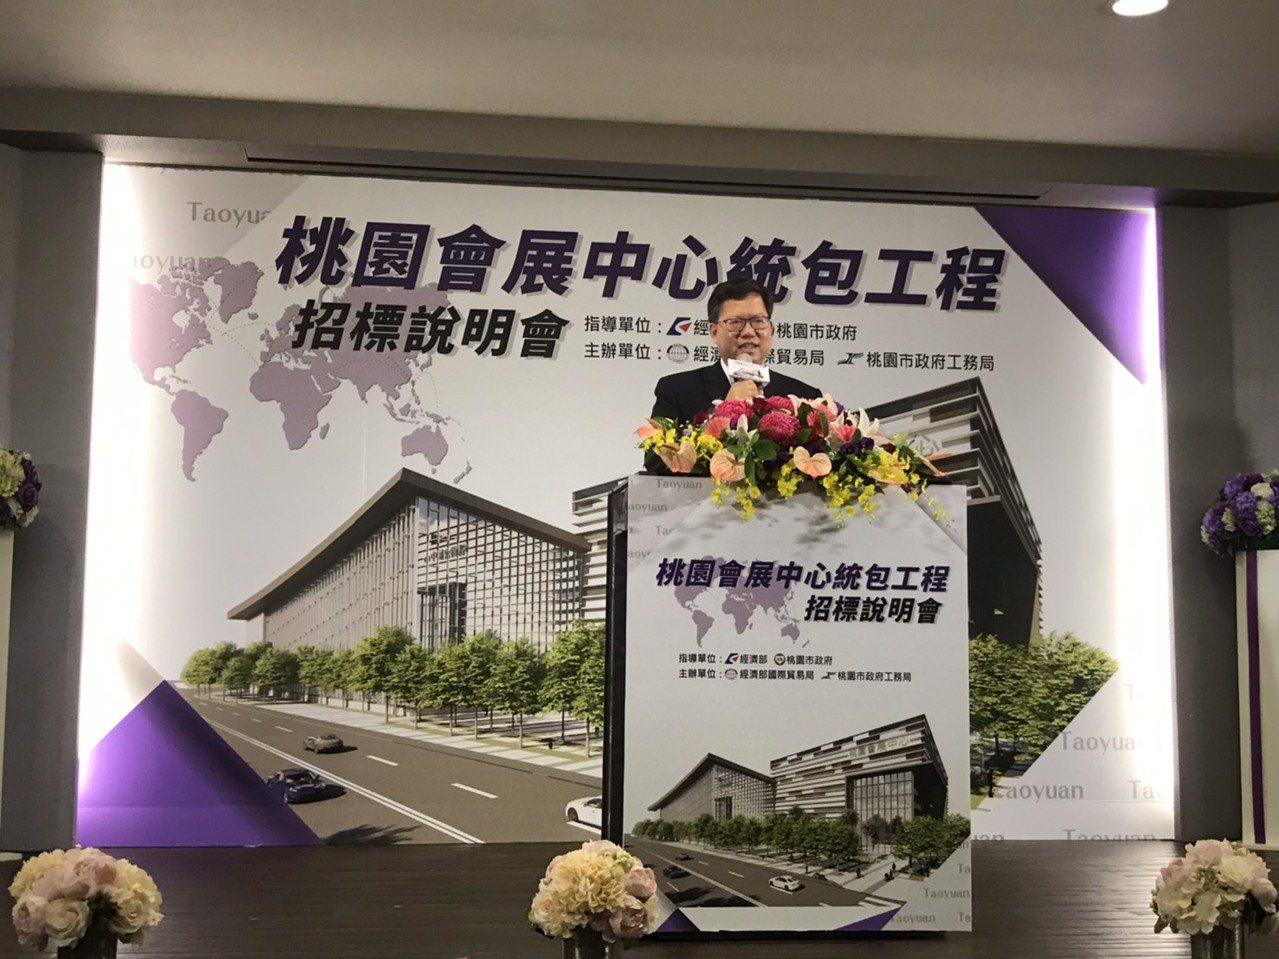 鄭文燦指出桃園是國門之都也是台灣最大的產業基地,會展中心座落機捷A19站旁鄰近國...